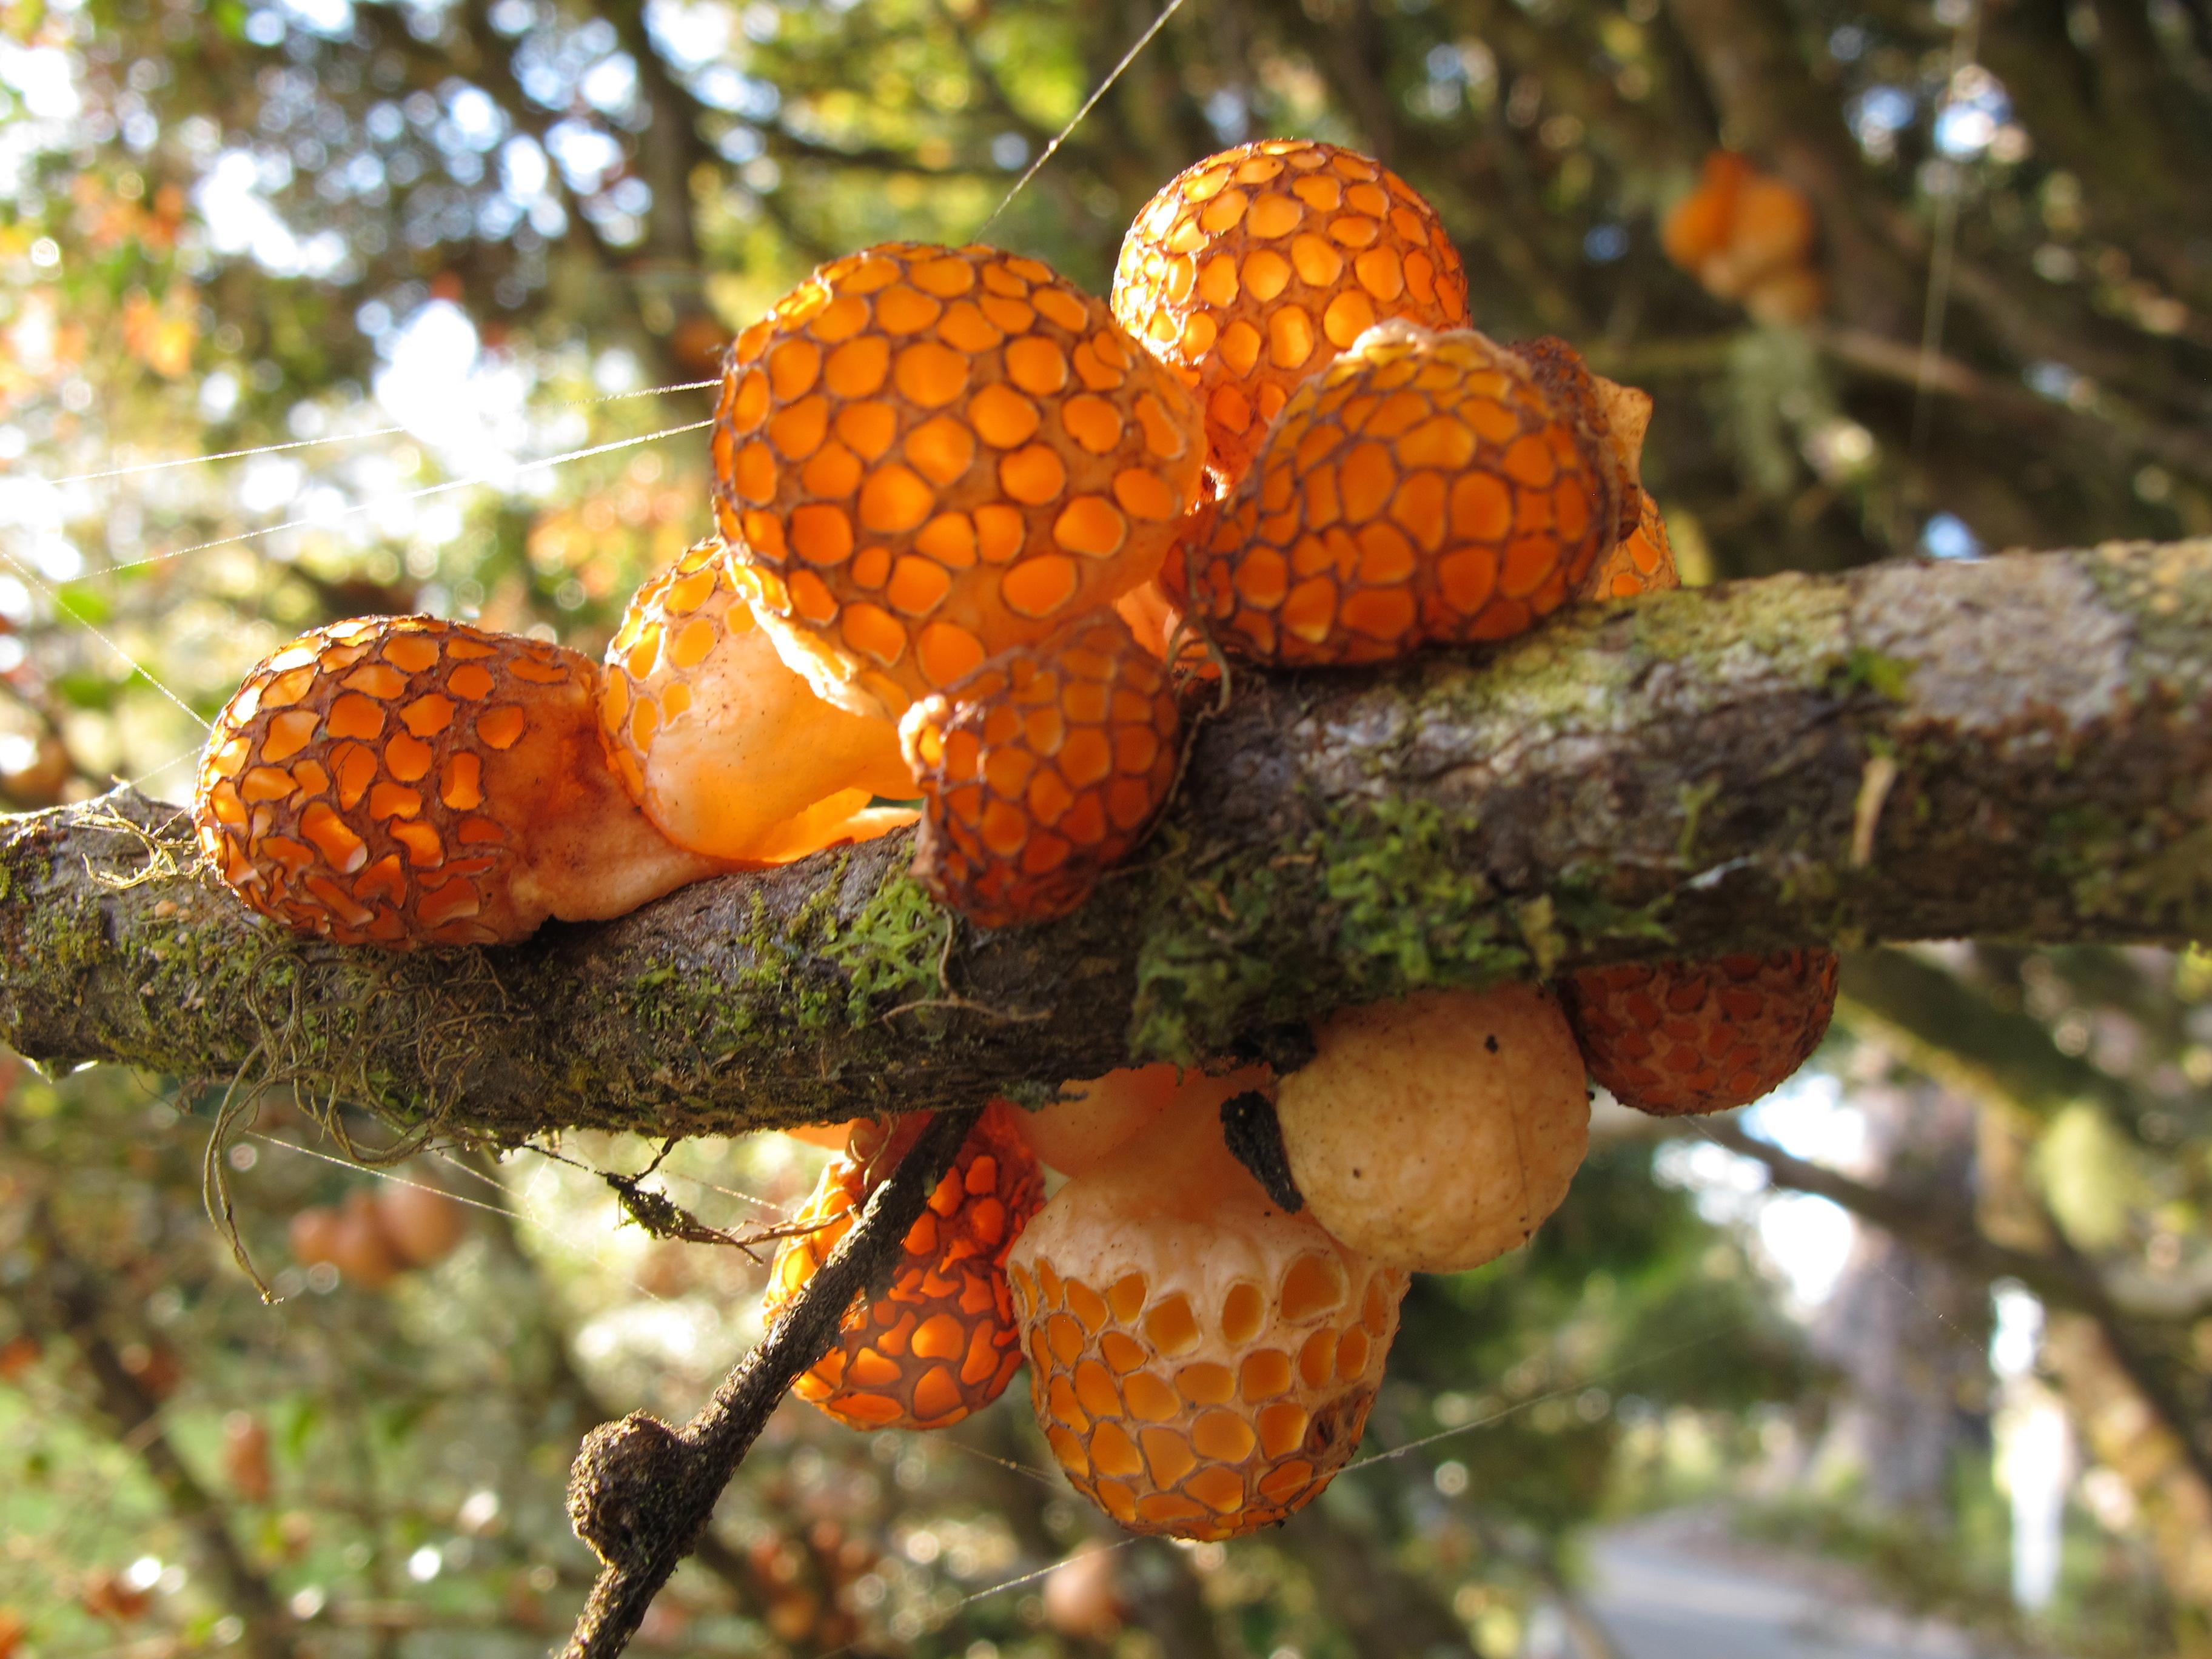 Tasmanian Fungi - Cyttaria gunnii